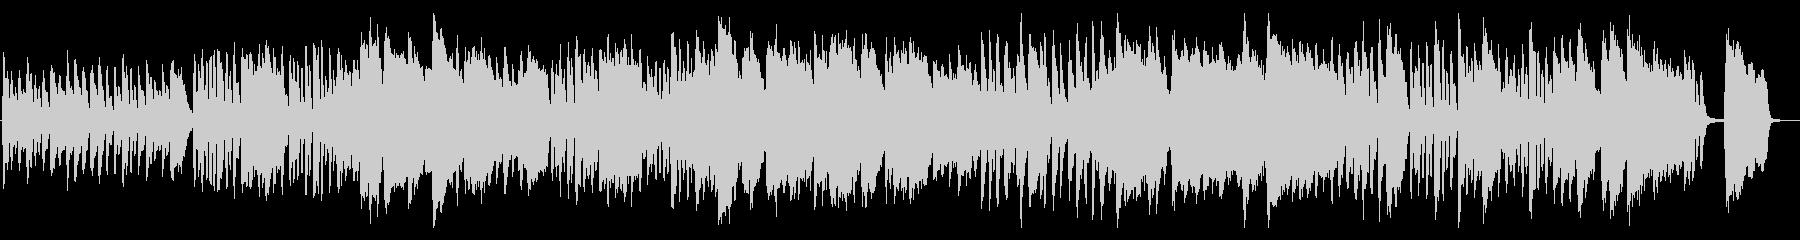 ほのぼのしたフルートと木琴の日常曲の未再生の波形